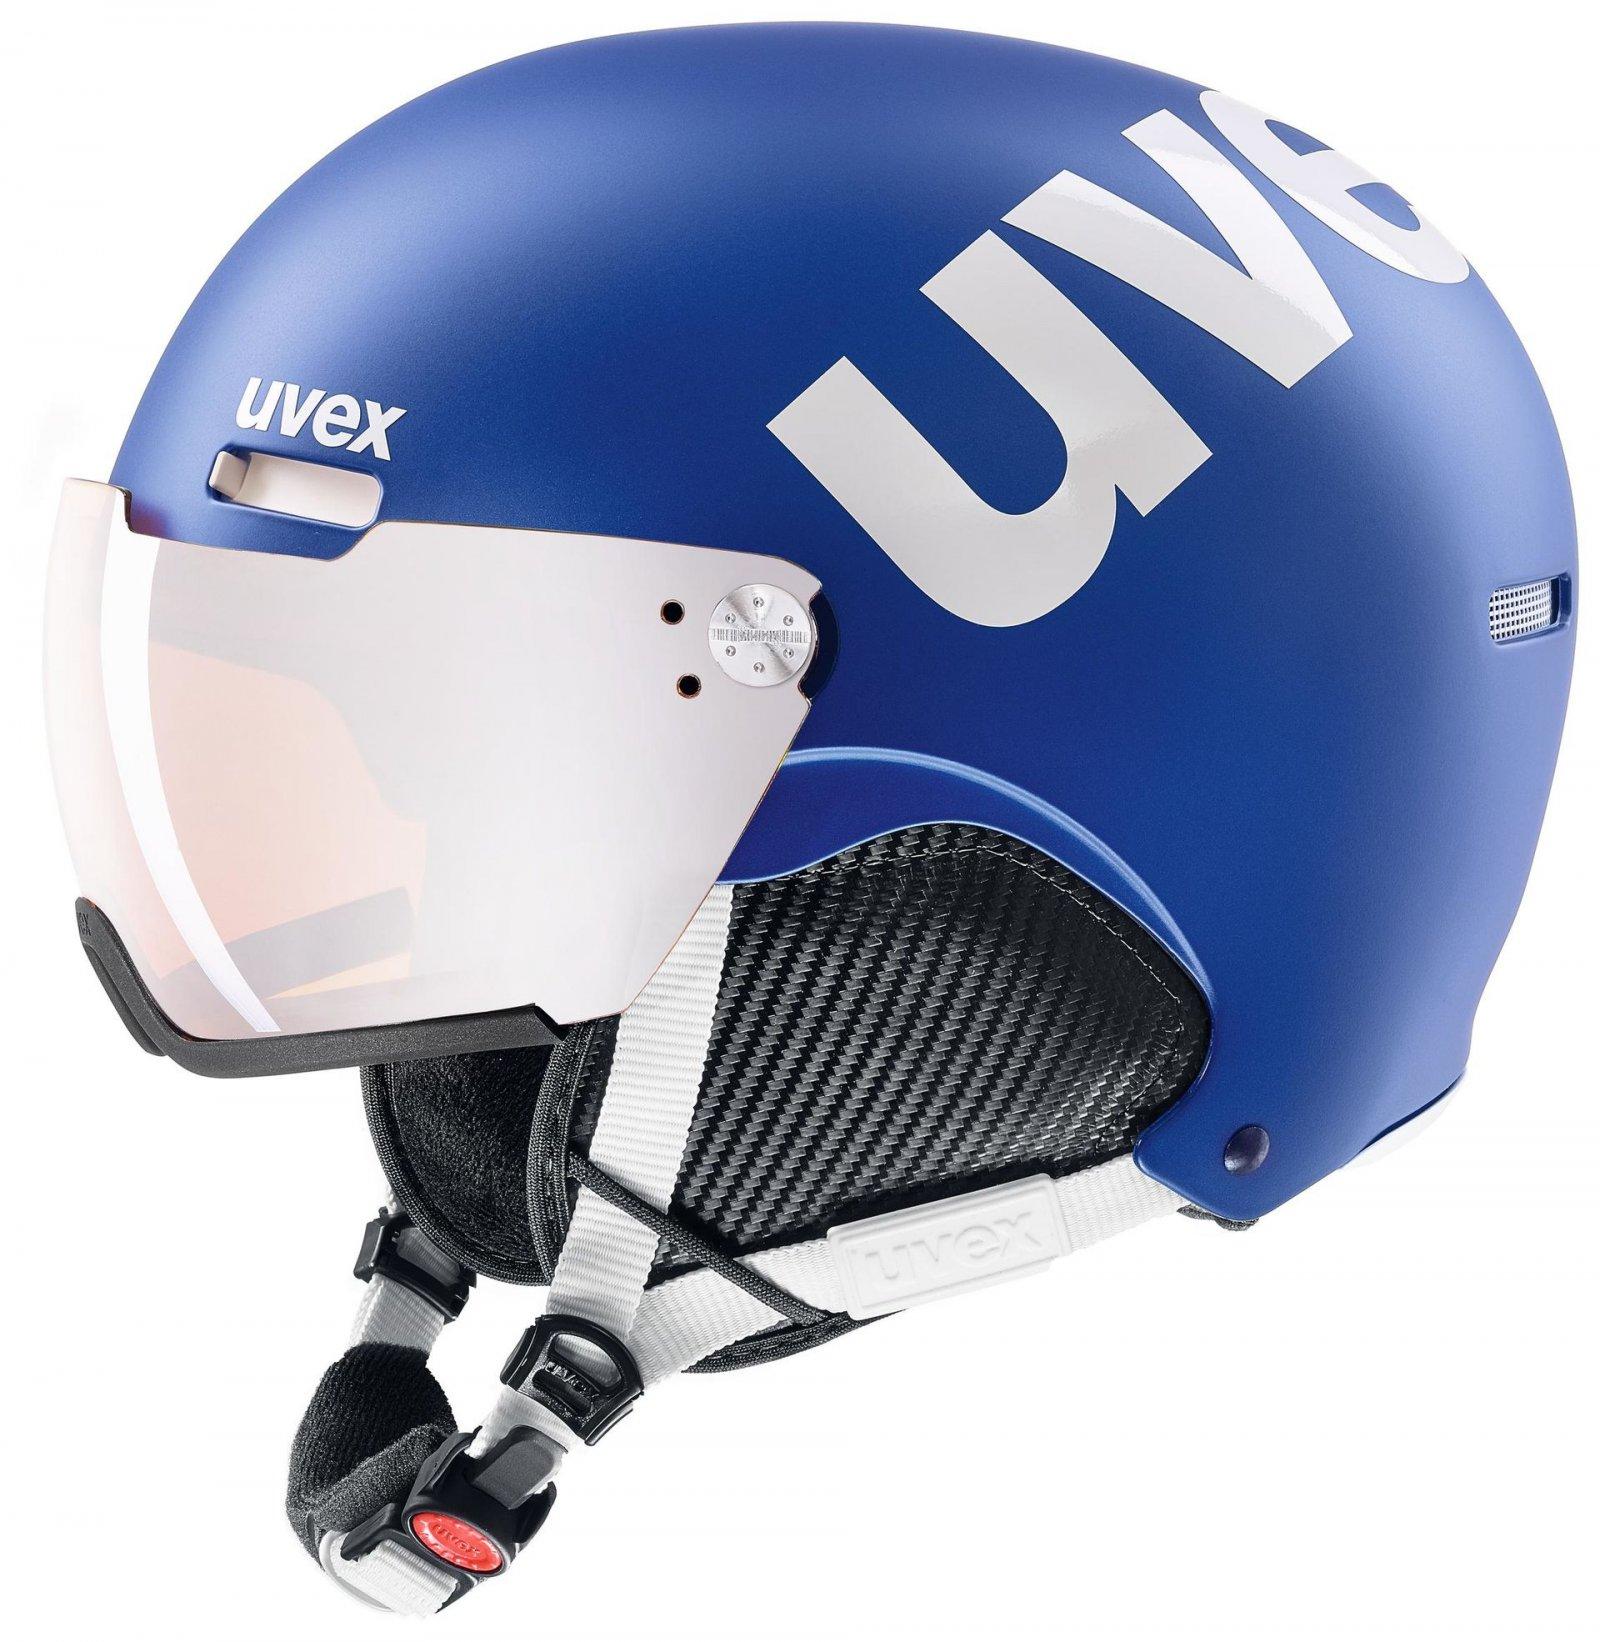 Ski helmet UVEX hlmt 500 visor 20/21